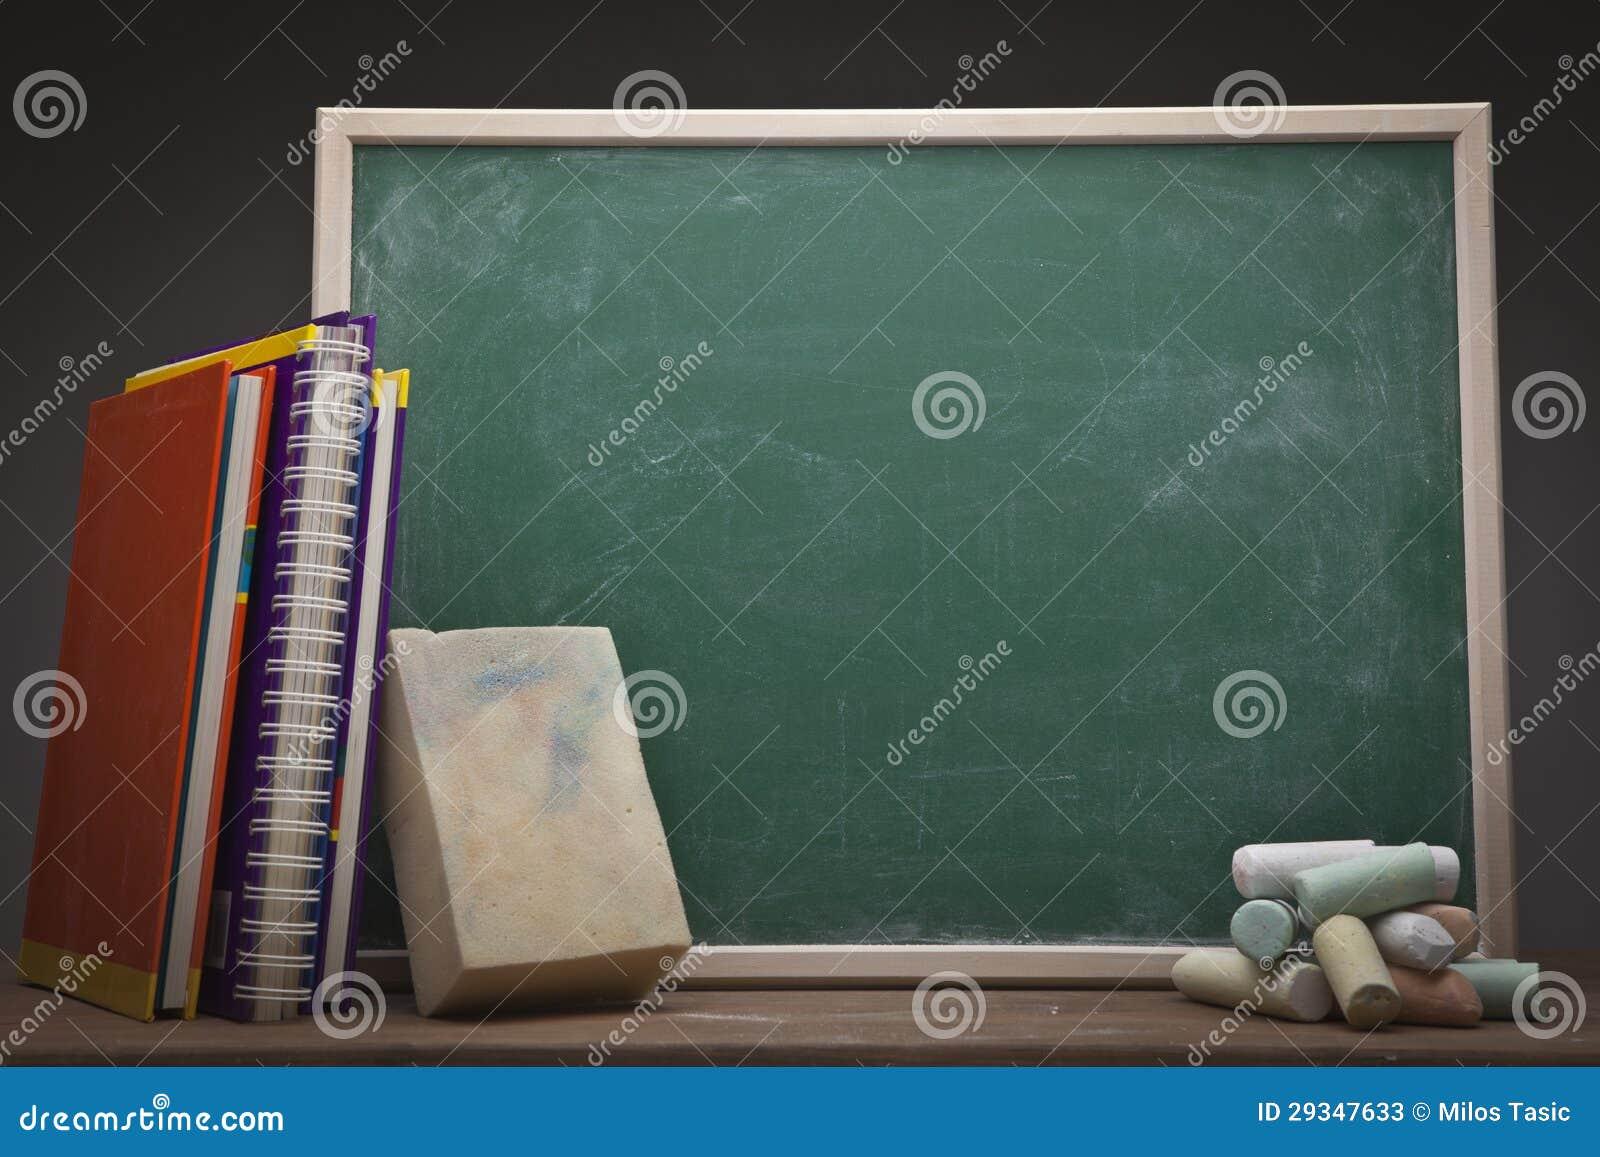 Schultafel mit kreide clipart  Leere Schultafel stock abbildung. Bild von tafel, anteil - 37455183